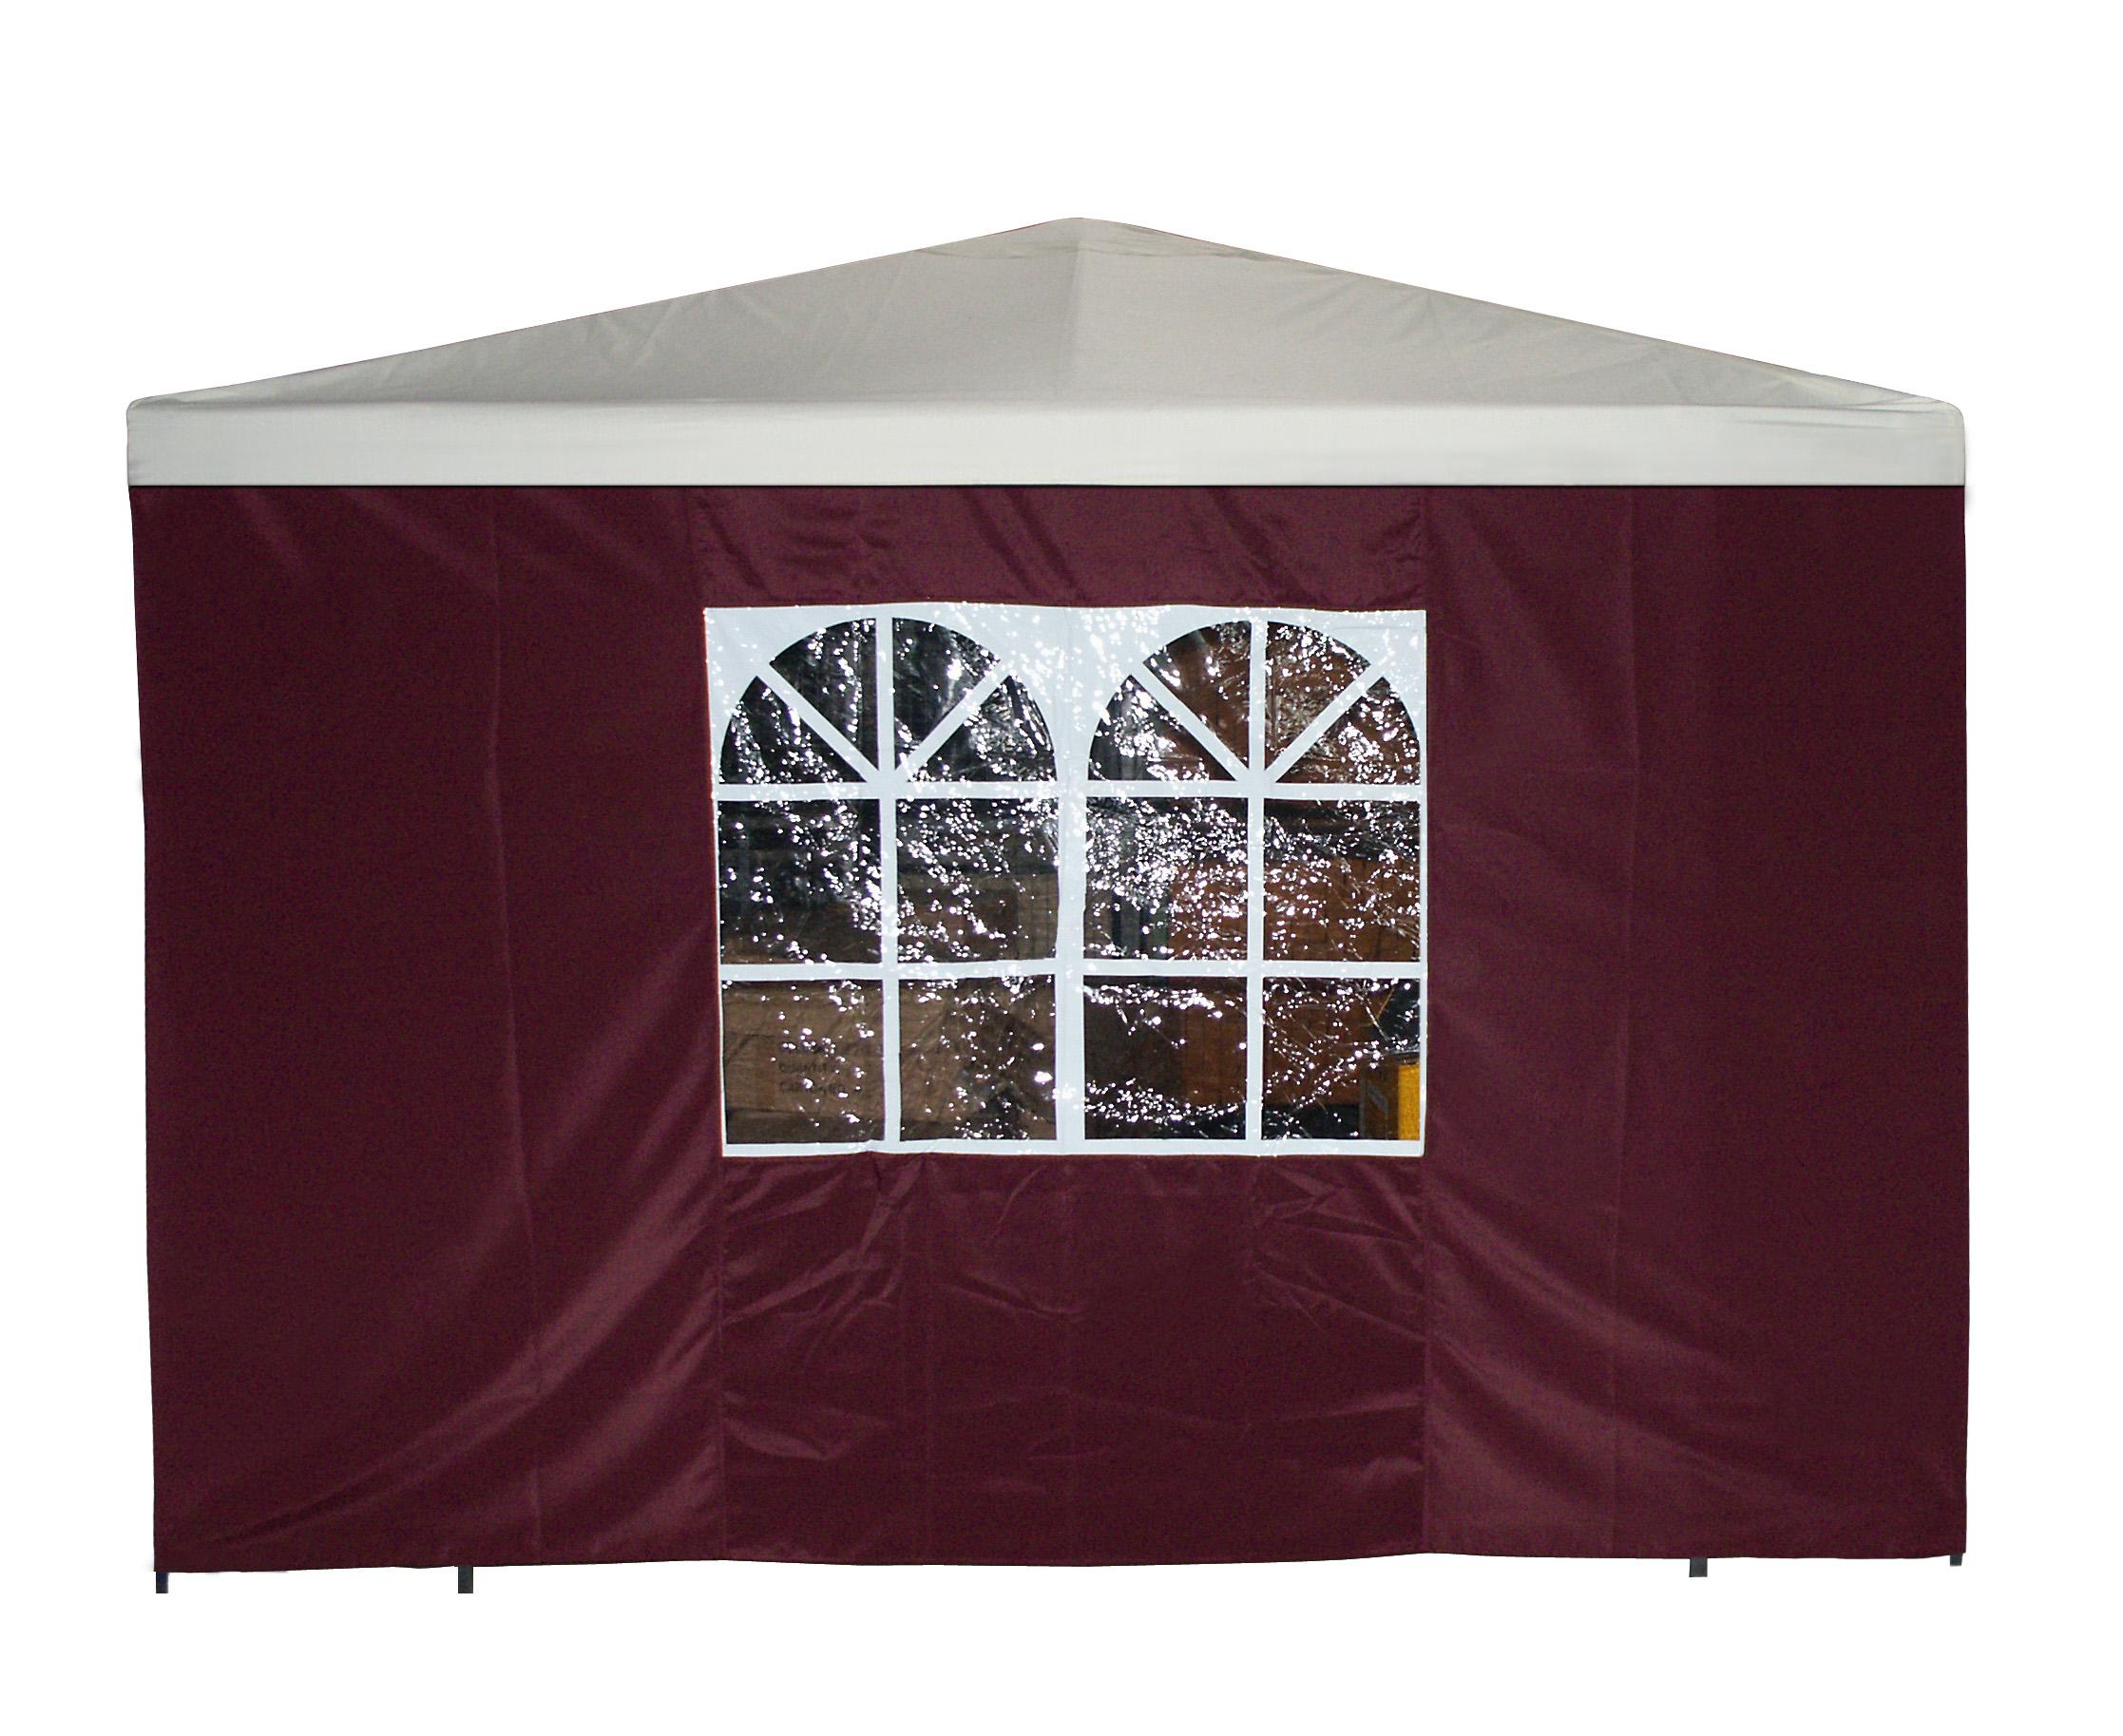 Seitenplane für Pavillon, 3x1,9 Meter, Polyester bordeaux mit Fenster